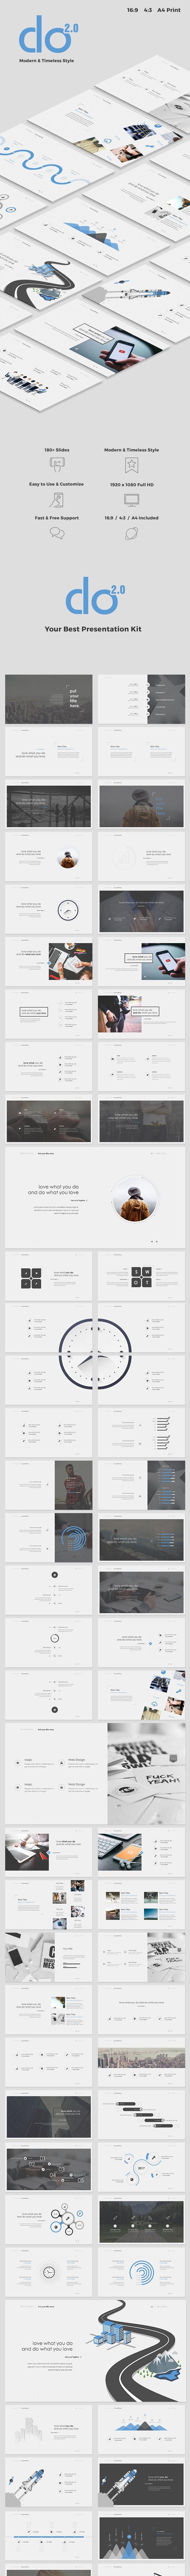 do 2.0 Google Slides - Google Slides Presentation Templates